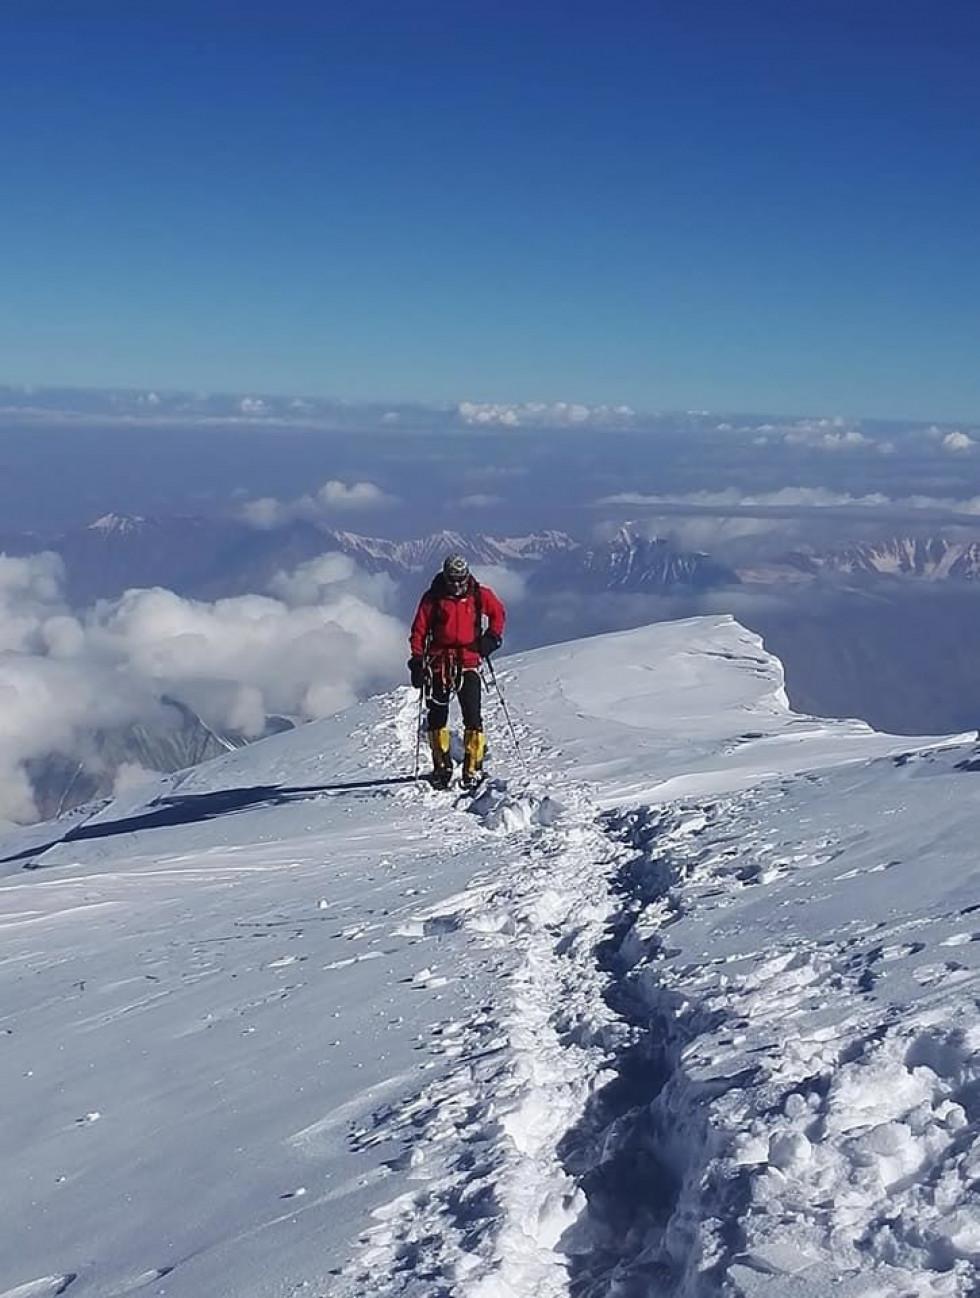 Основною метою подорожібуло успішне сходження на два семитисячника Памір